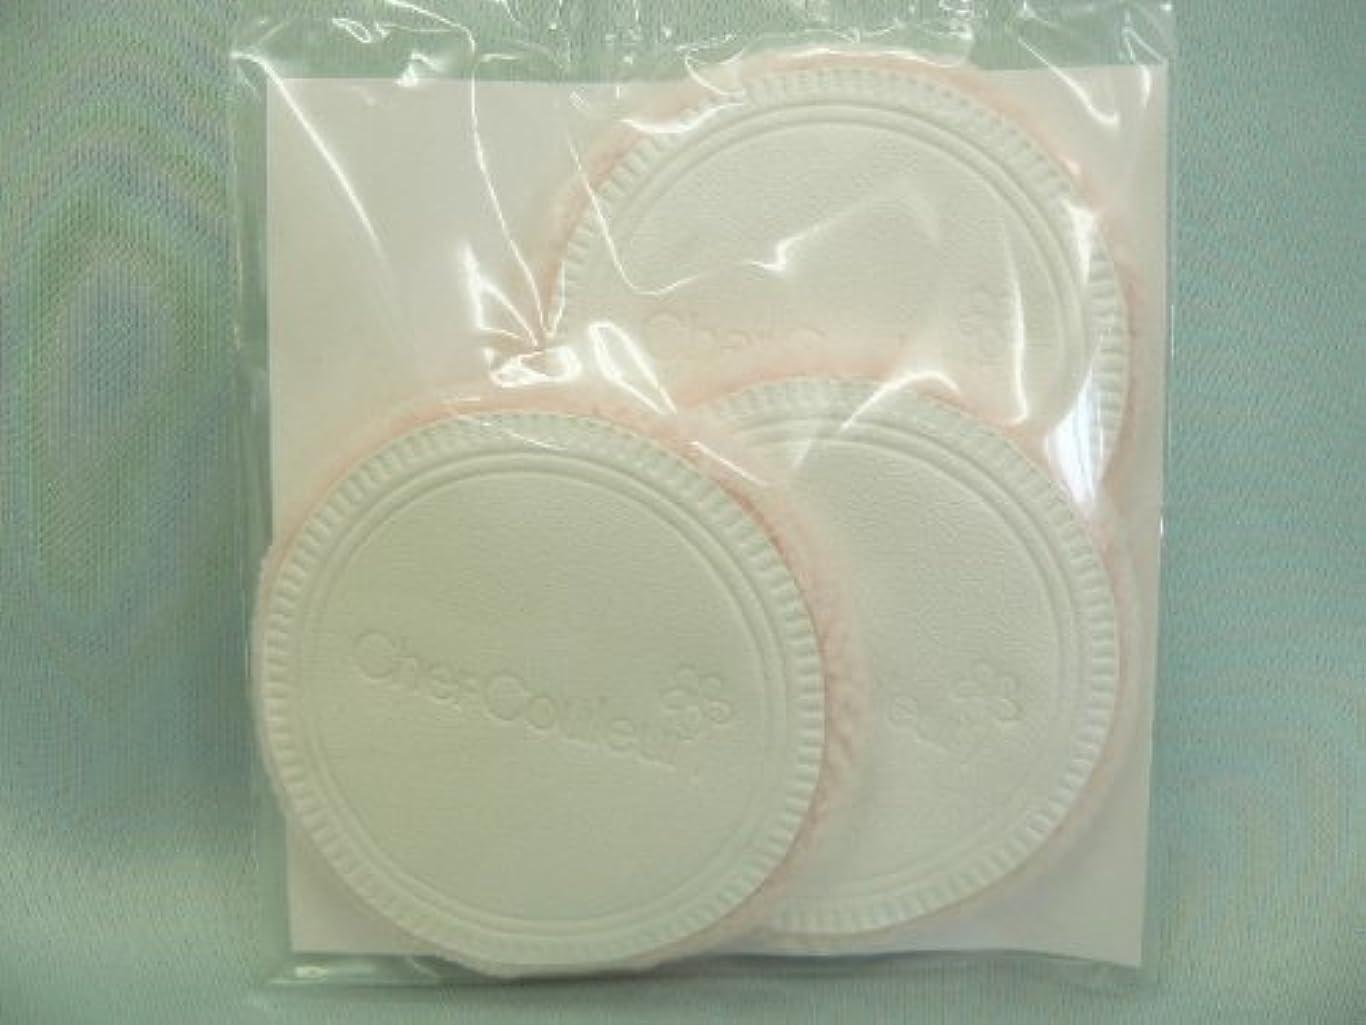 占める長さ無視シェルクルール化粧品プロテクトパウダー専用ケース(パフ付き)